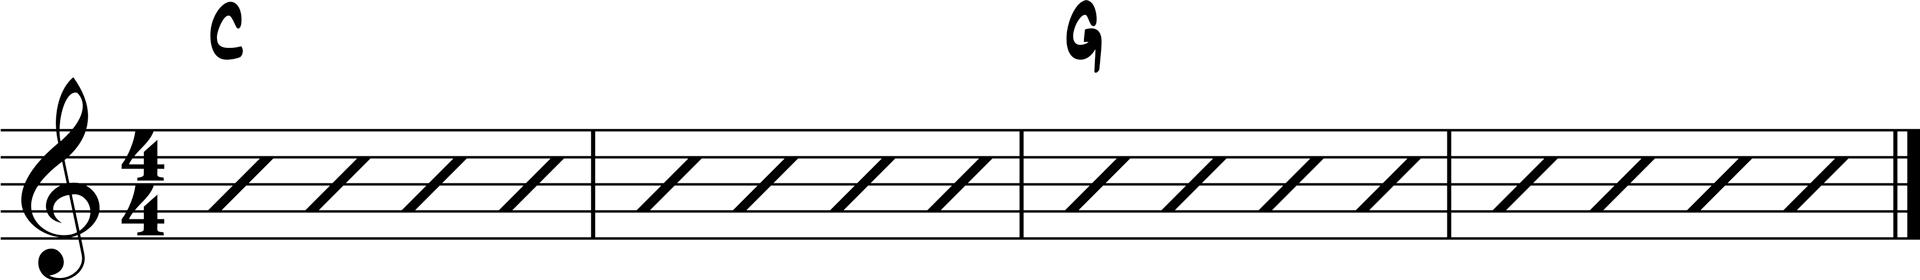 C G Chords